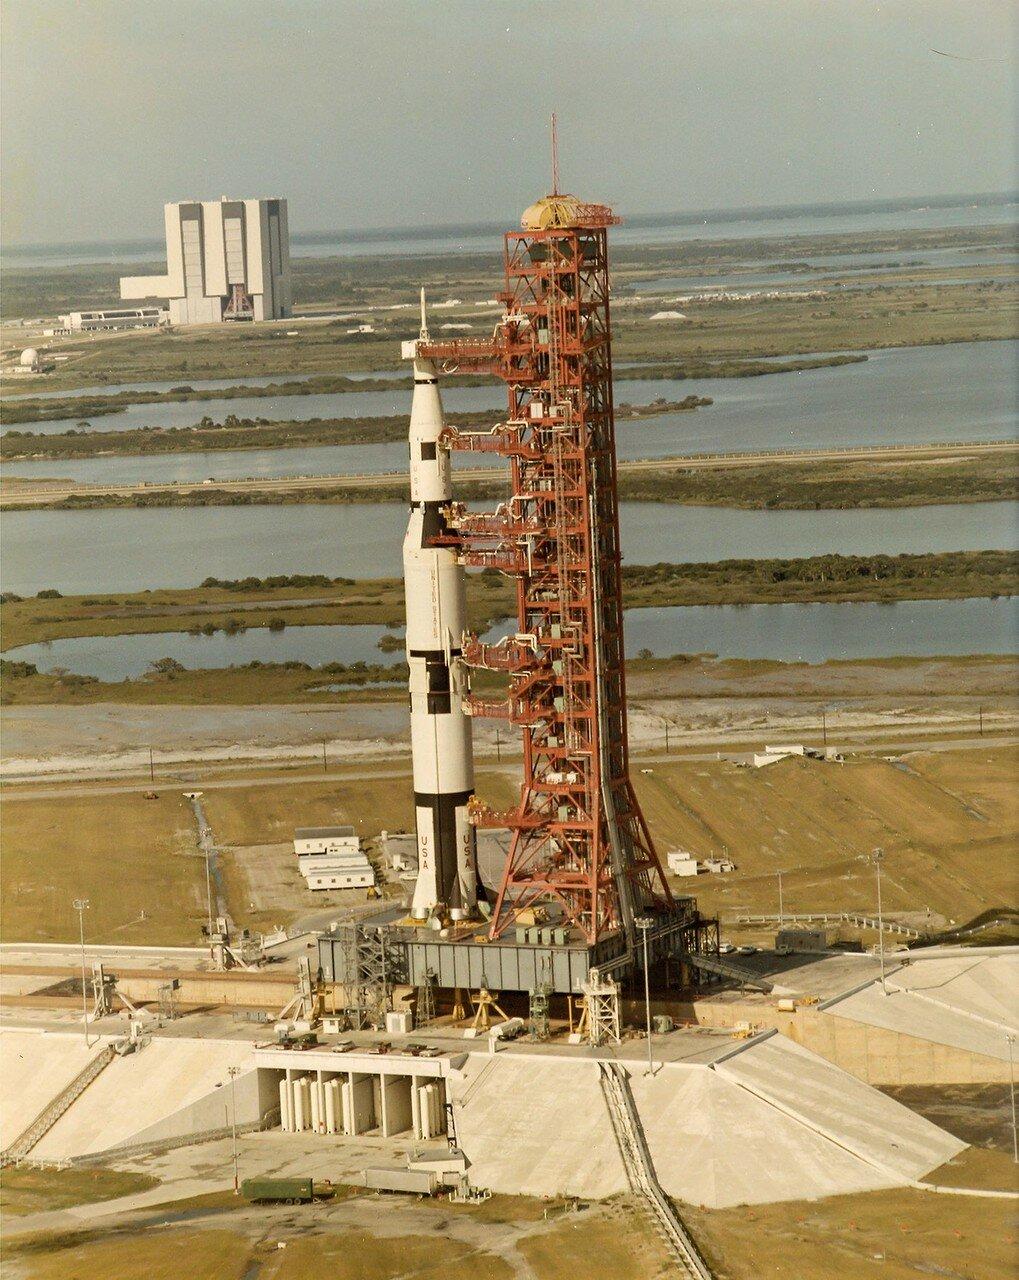 В ходе имитации запуска в середине января отказала автоматическая система контроля заправки третьей ступени ракеты-носителя жидким кислородом. Через четыре с половиной часа заправка возобновилась